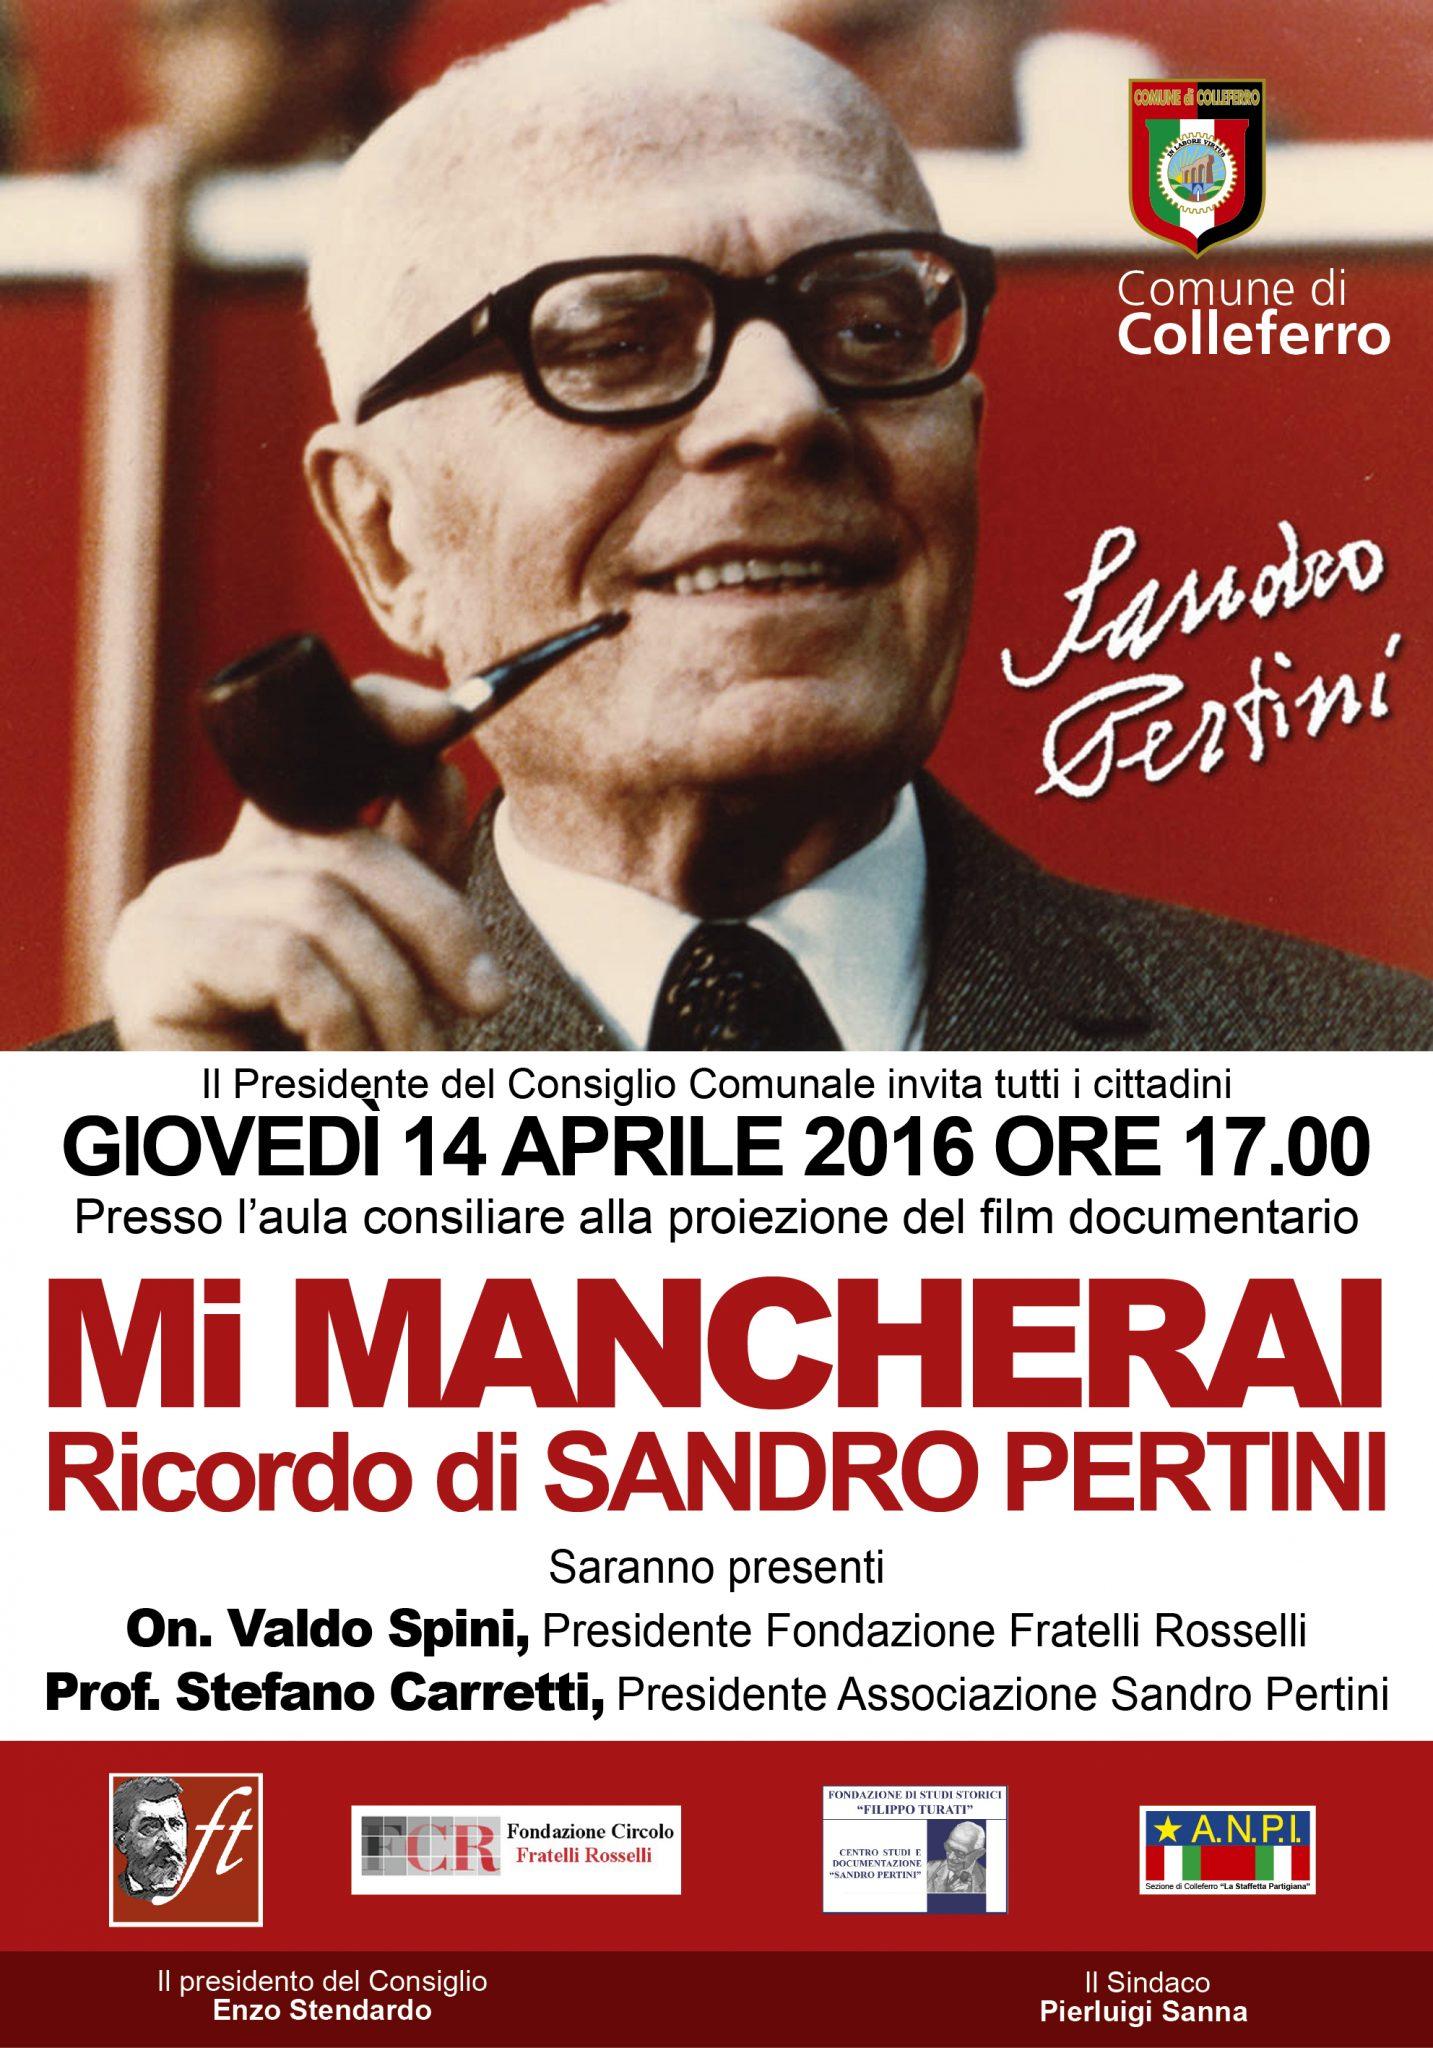 Un ricordo di Sandro Pertini a Colleferro (RM)